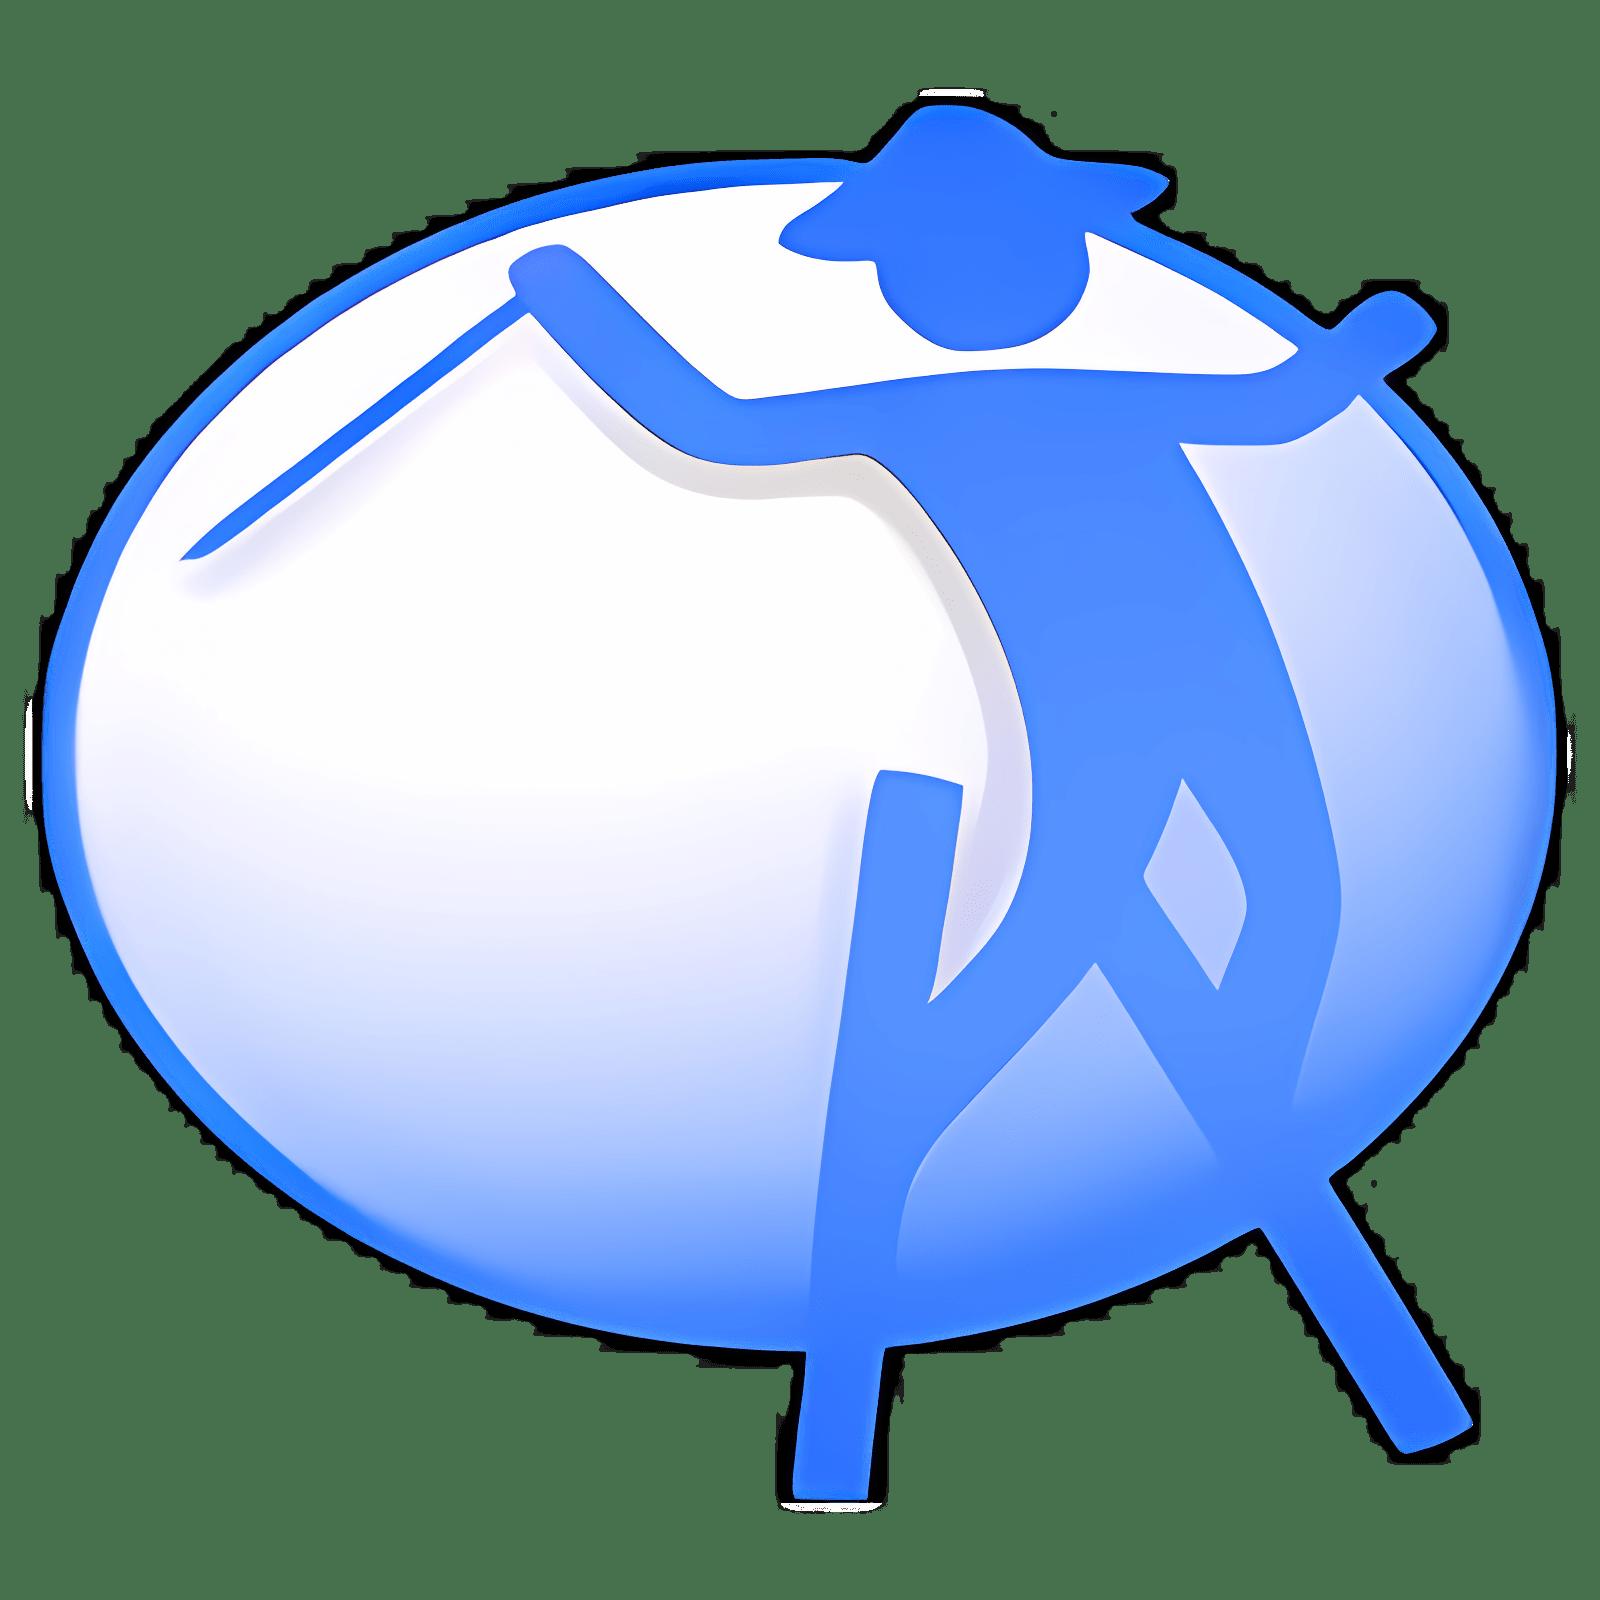 SkiRanger 1.4.7 Open Beta